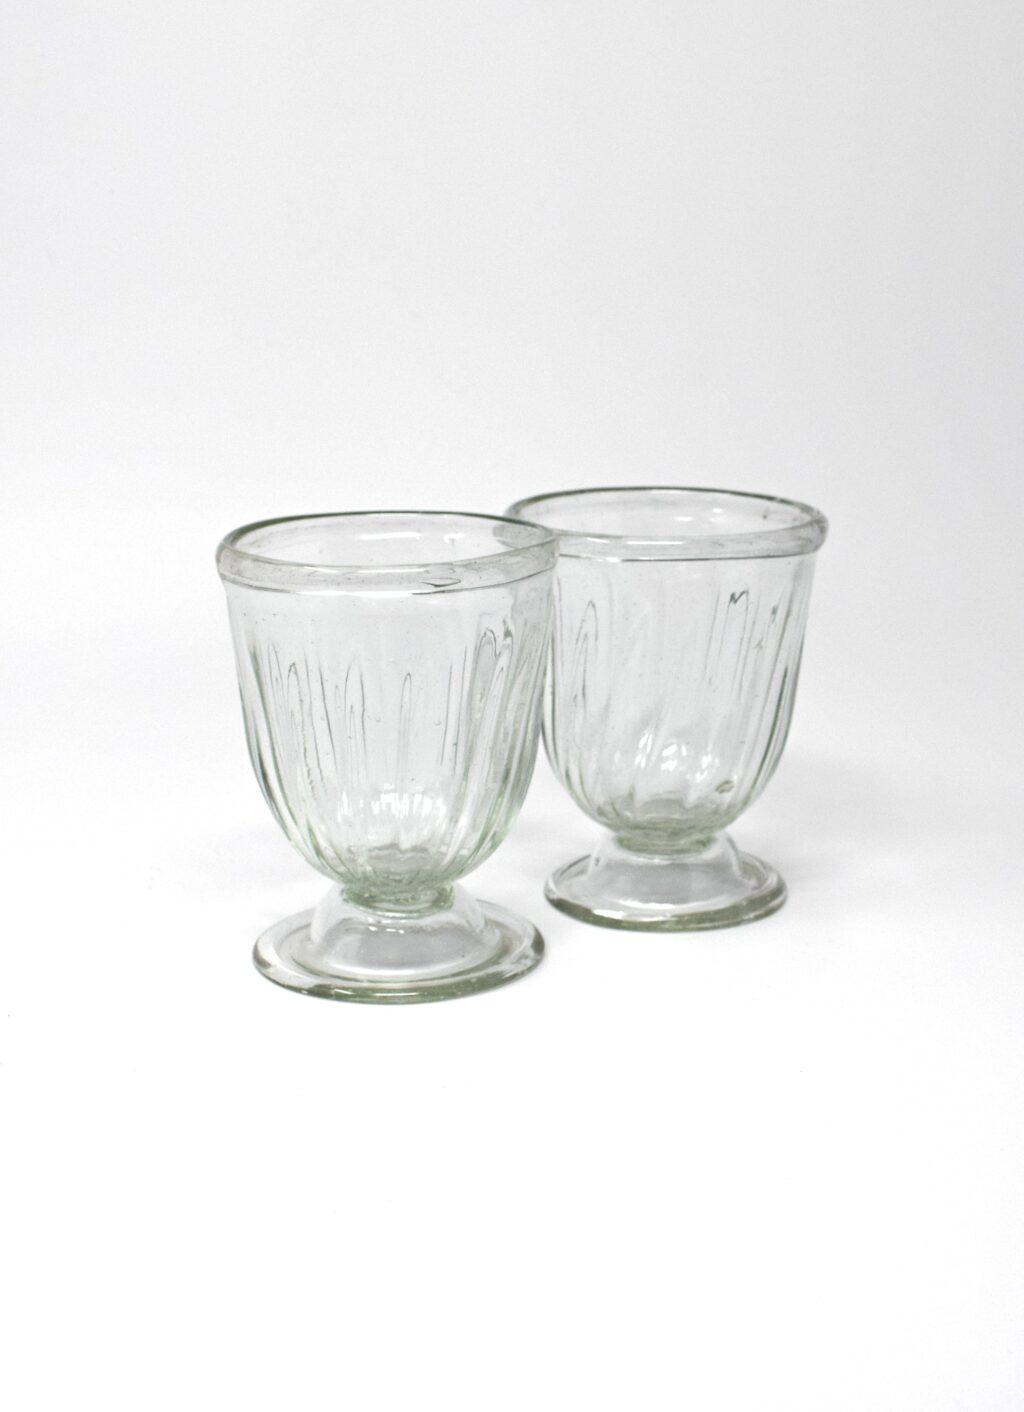 La Soufflerie - Handblown glass - Vino Venezia - Transparent